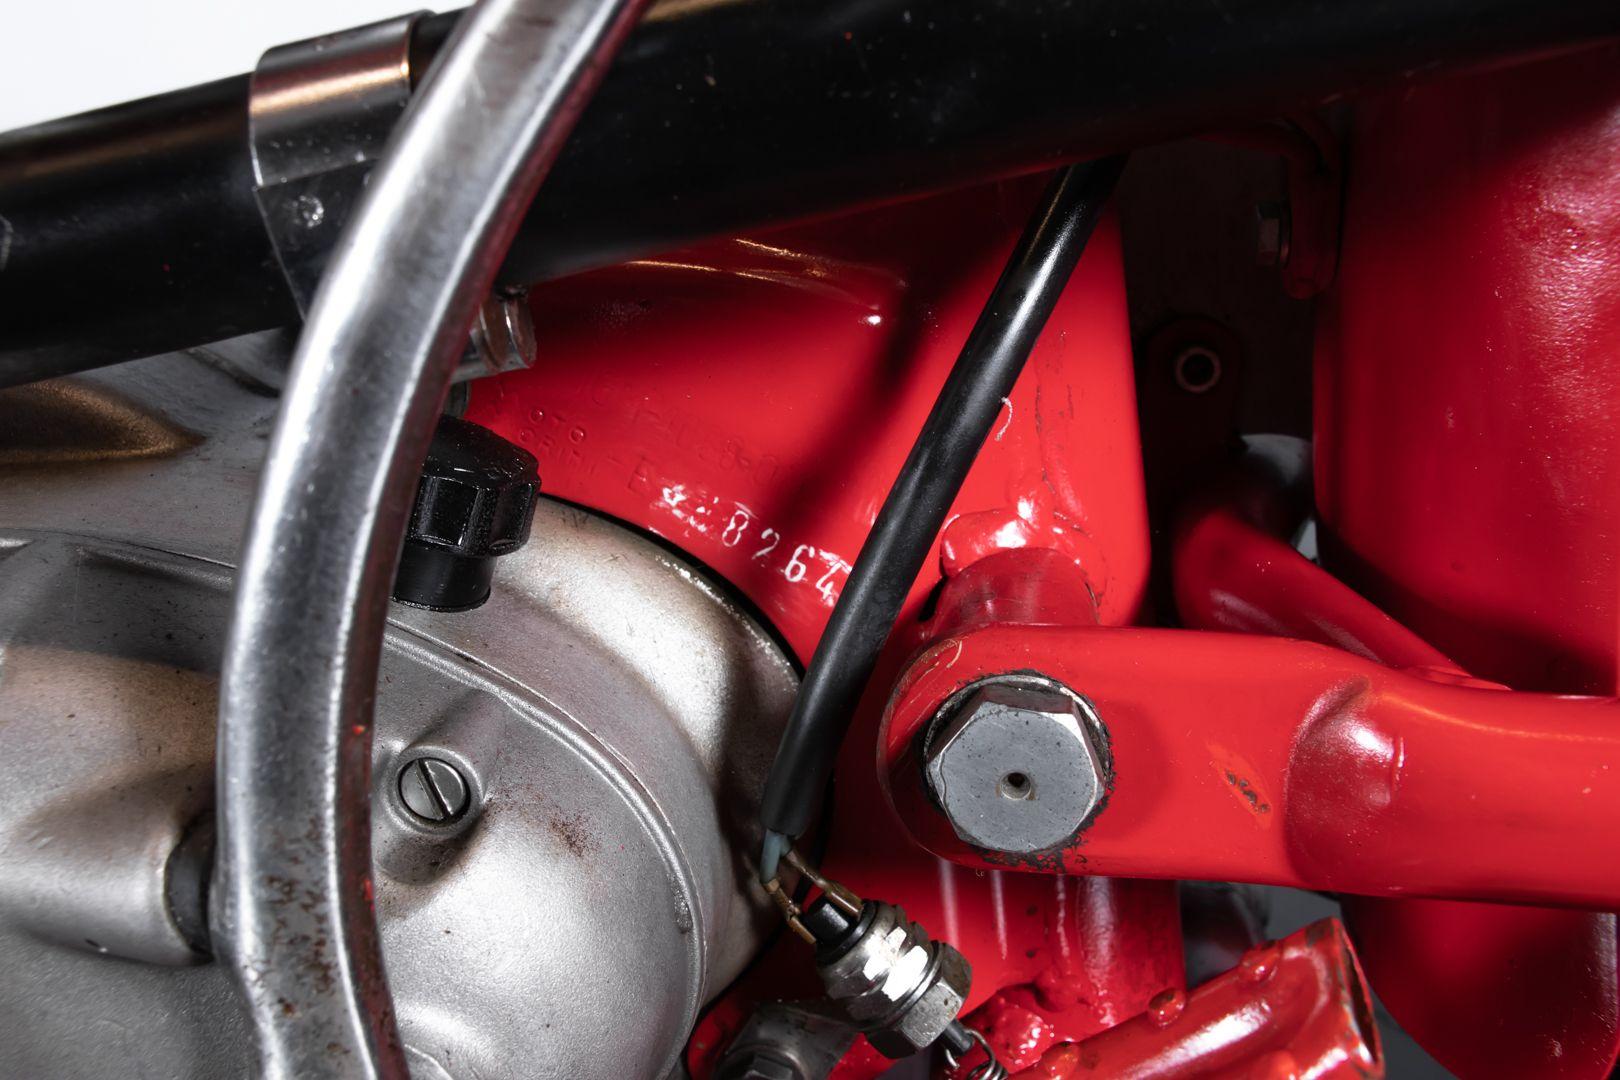 1970 Moto Morini Corsaro Regolarità 125 75916